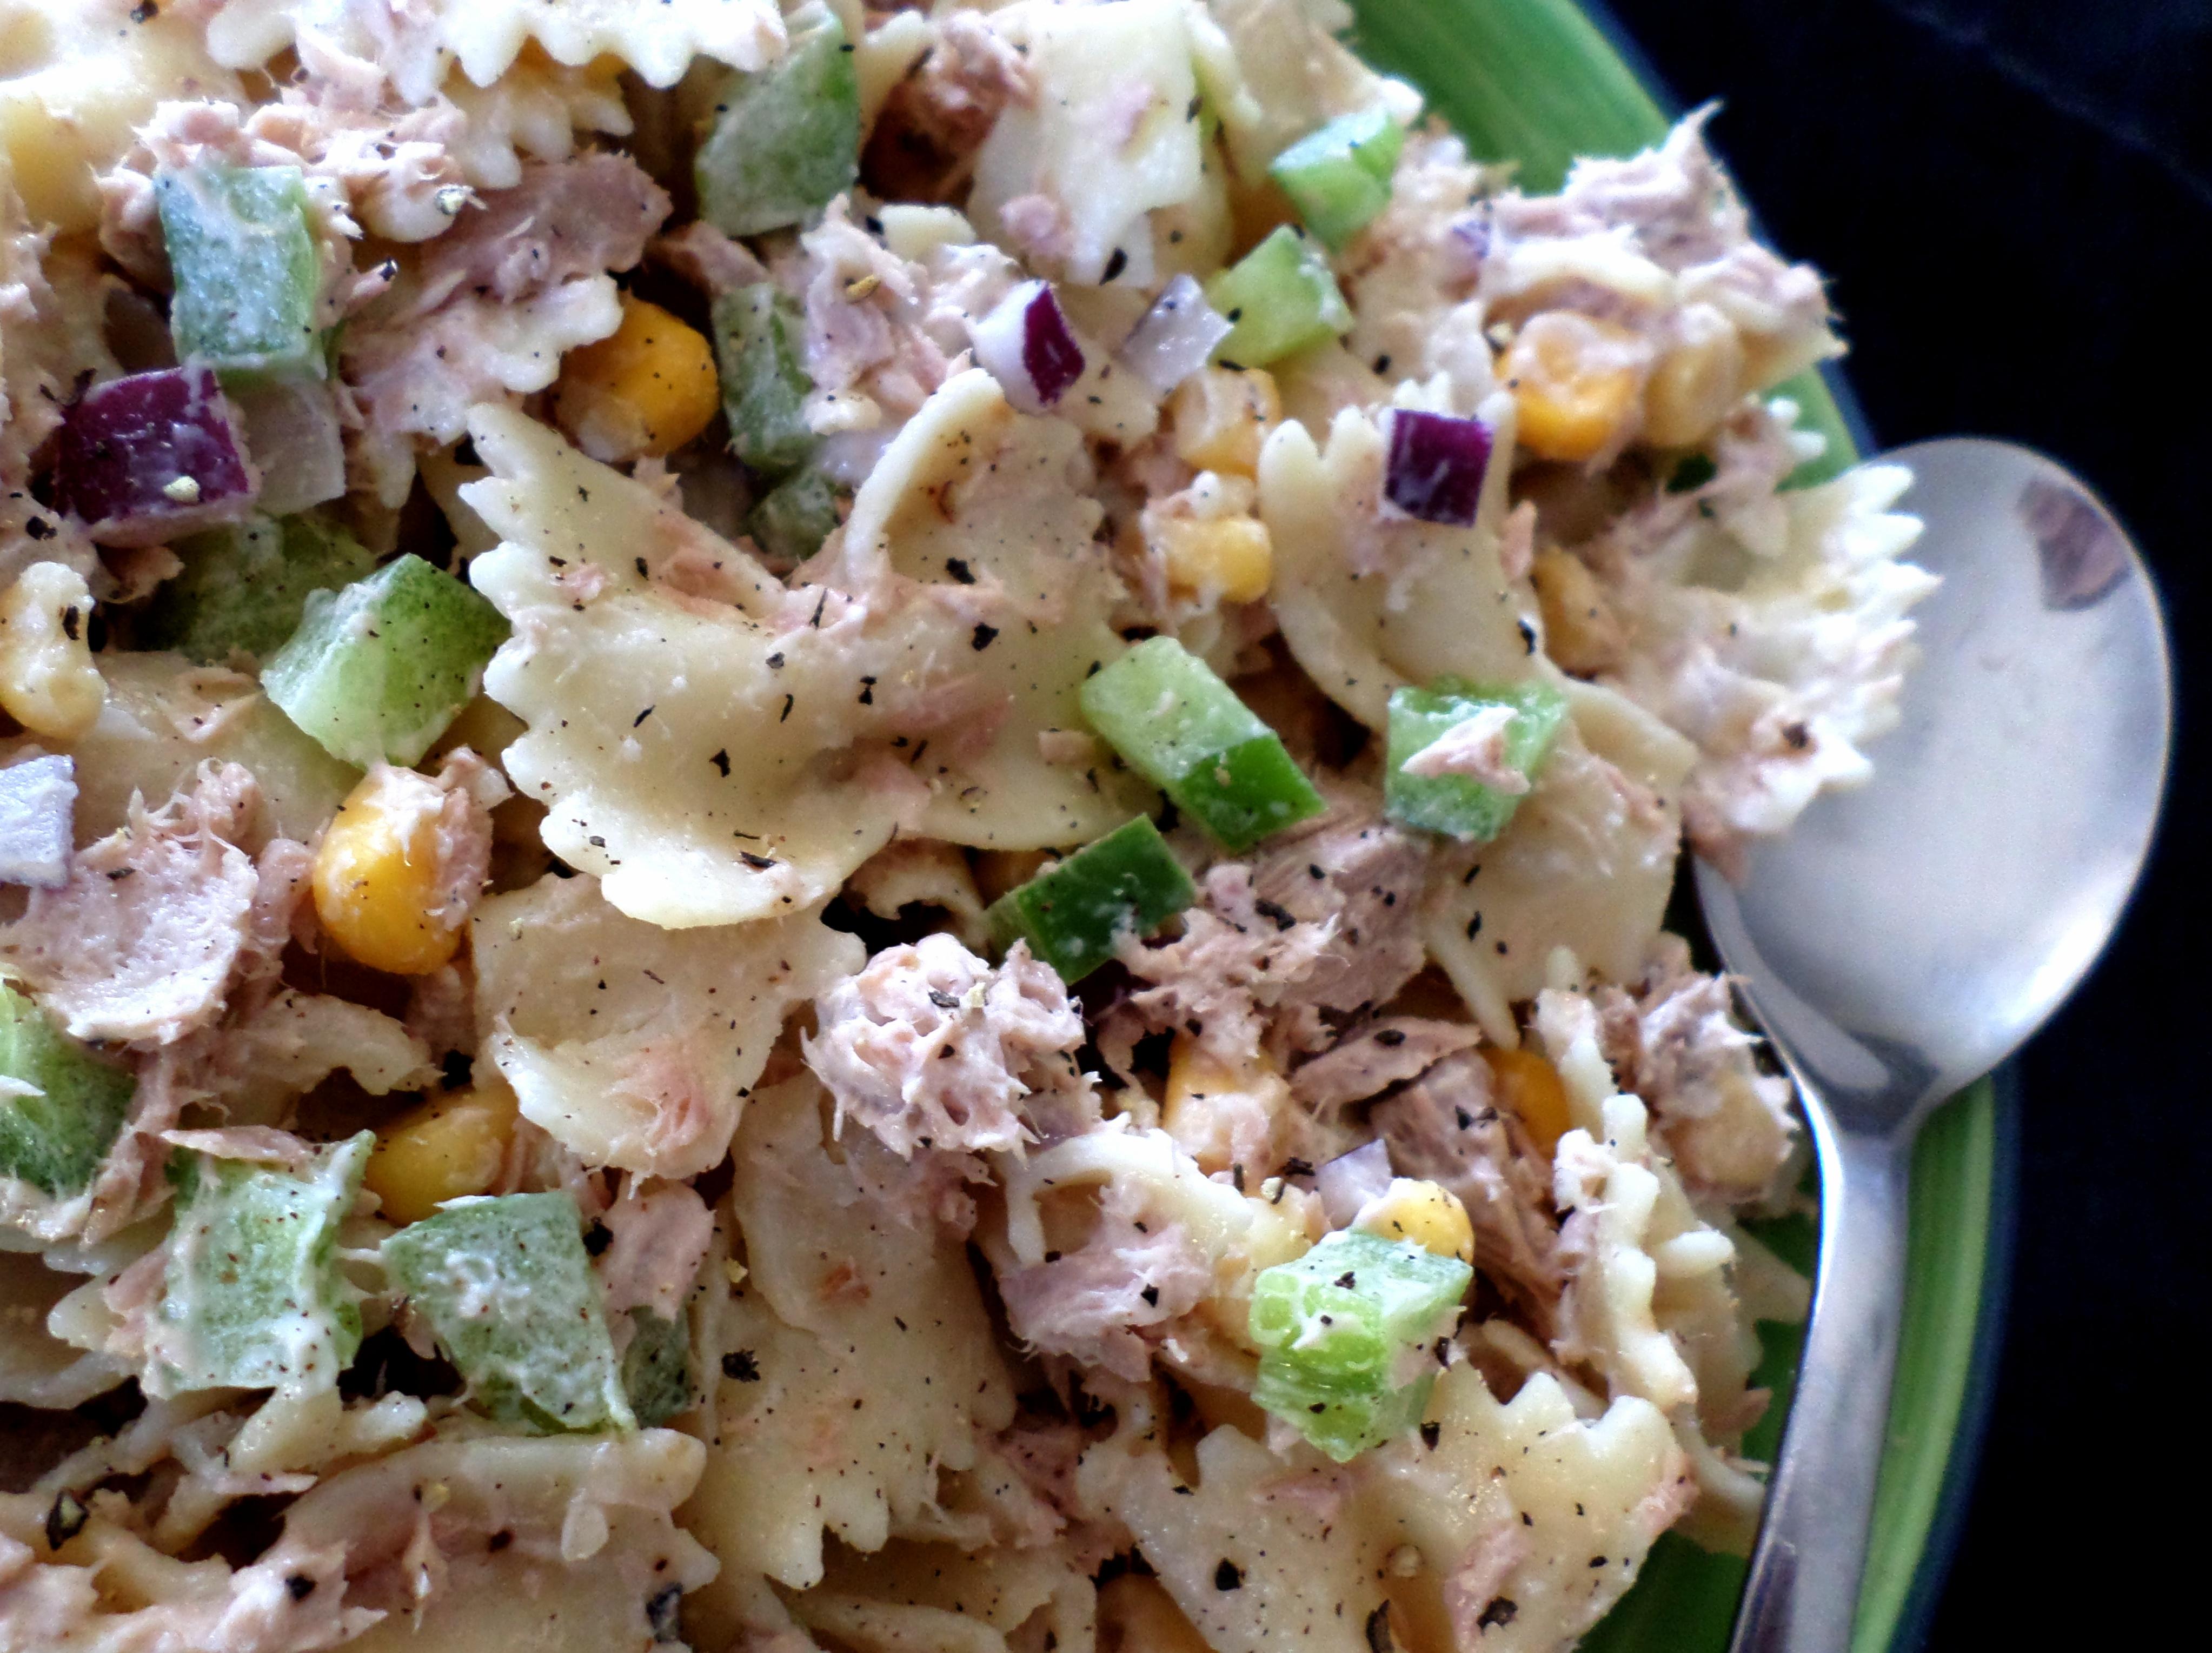 Tuna pasta salad with lemon and garlic aioli recipe adaptors for Best tuna fish salad